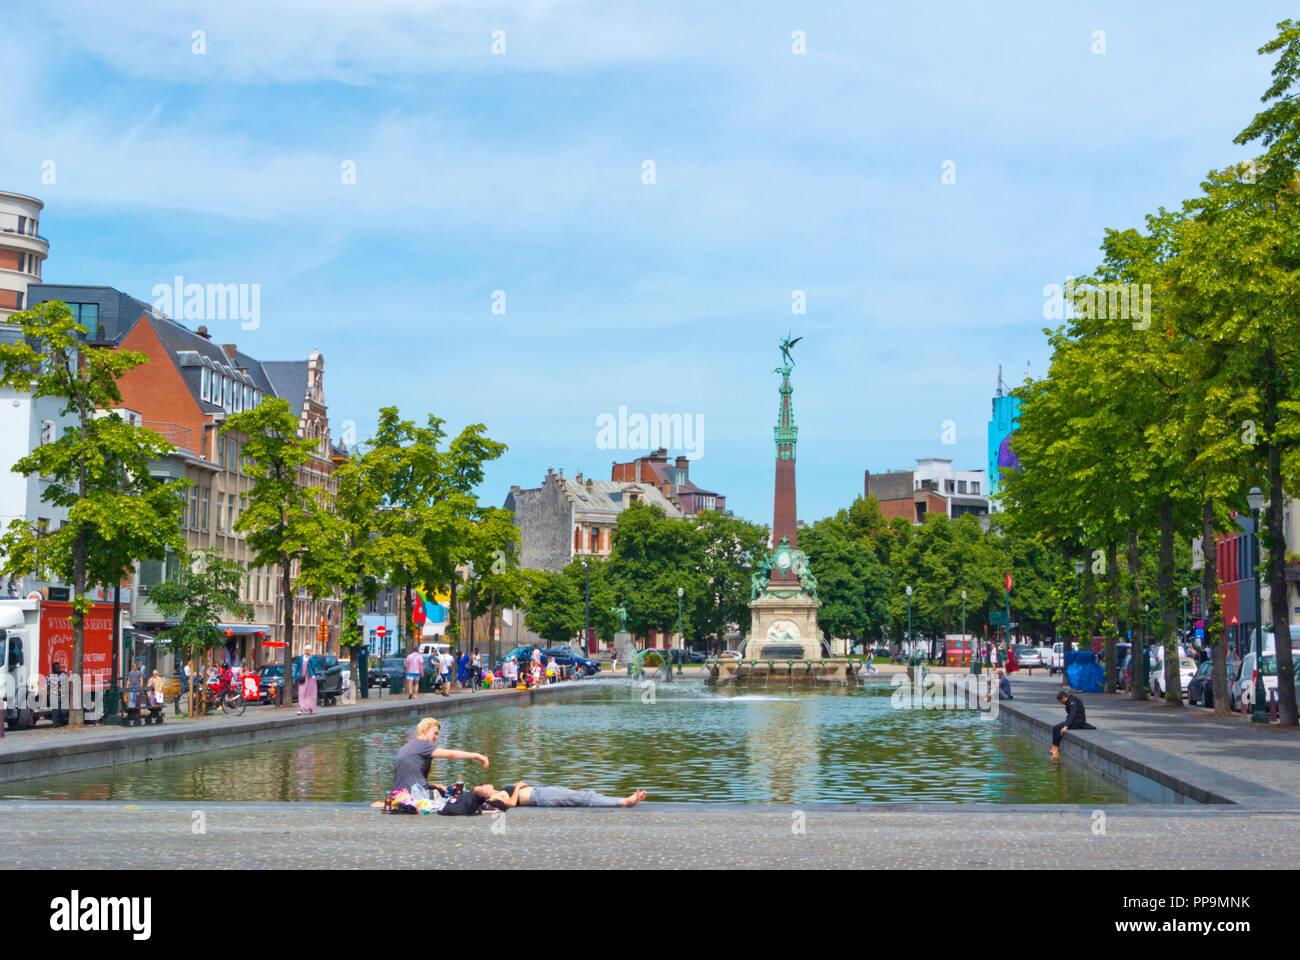 Fontein van Anspach, Marche aux Poissons, Quai aux Briques, Quays District, Brussels, Belgium Stock Photo